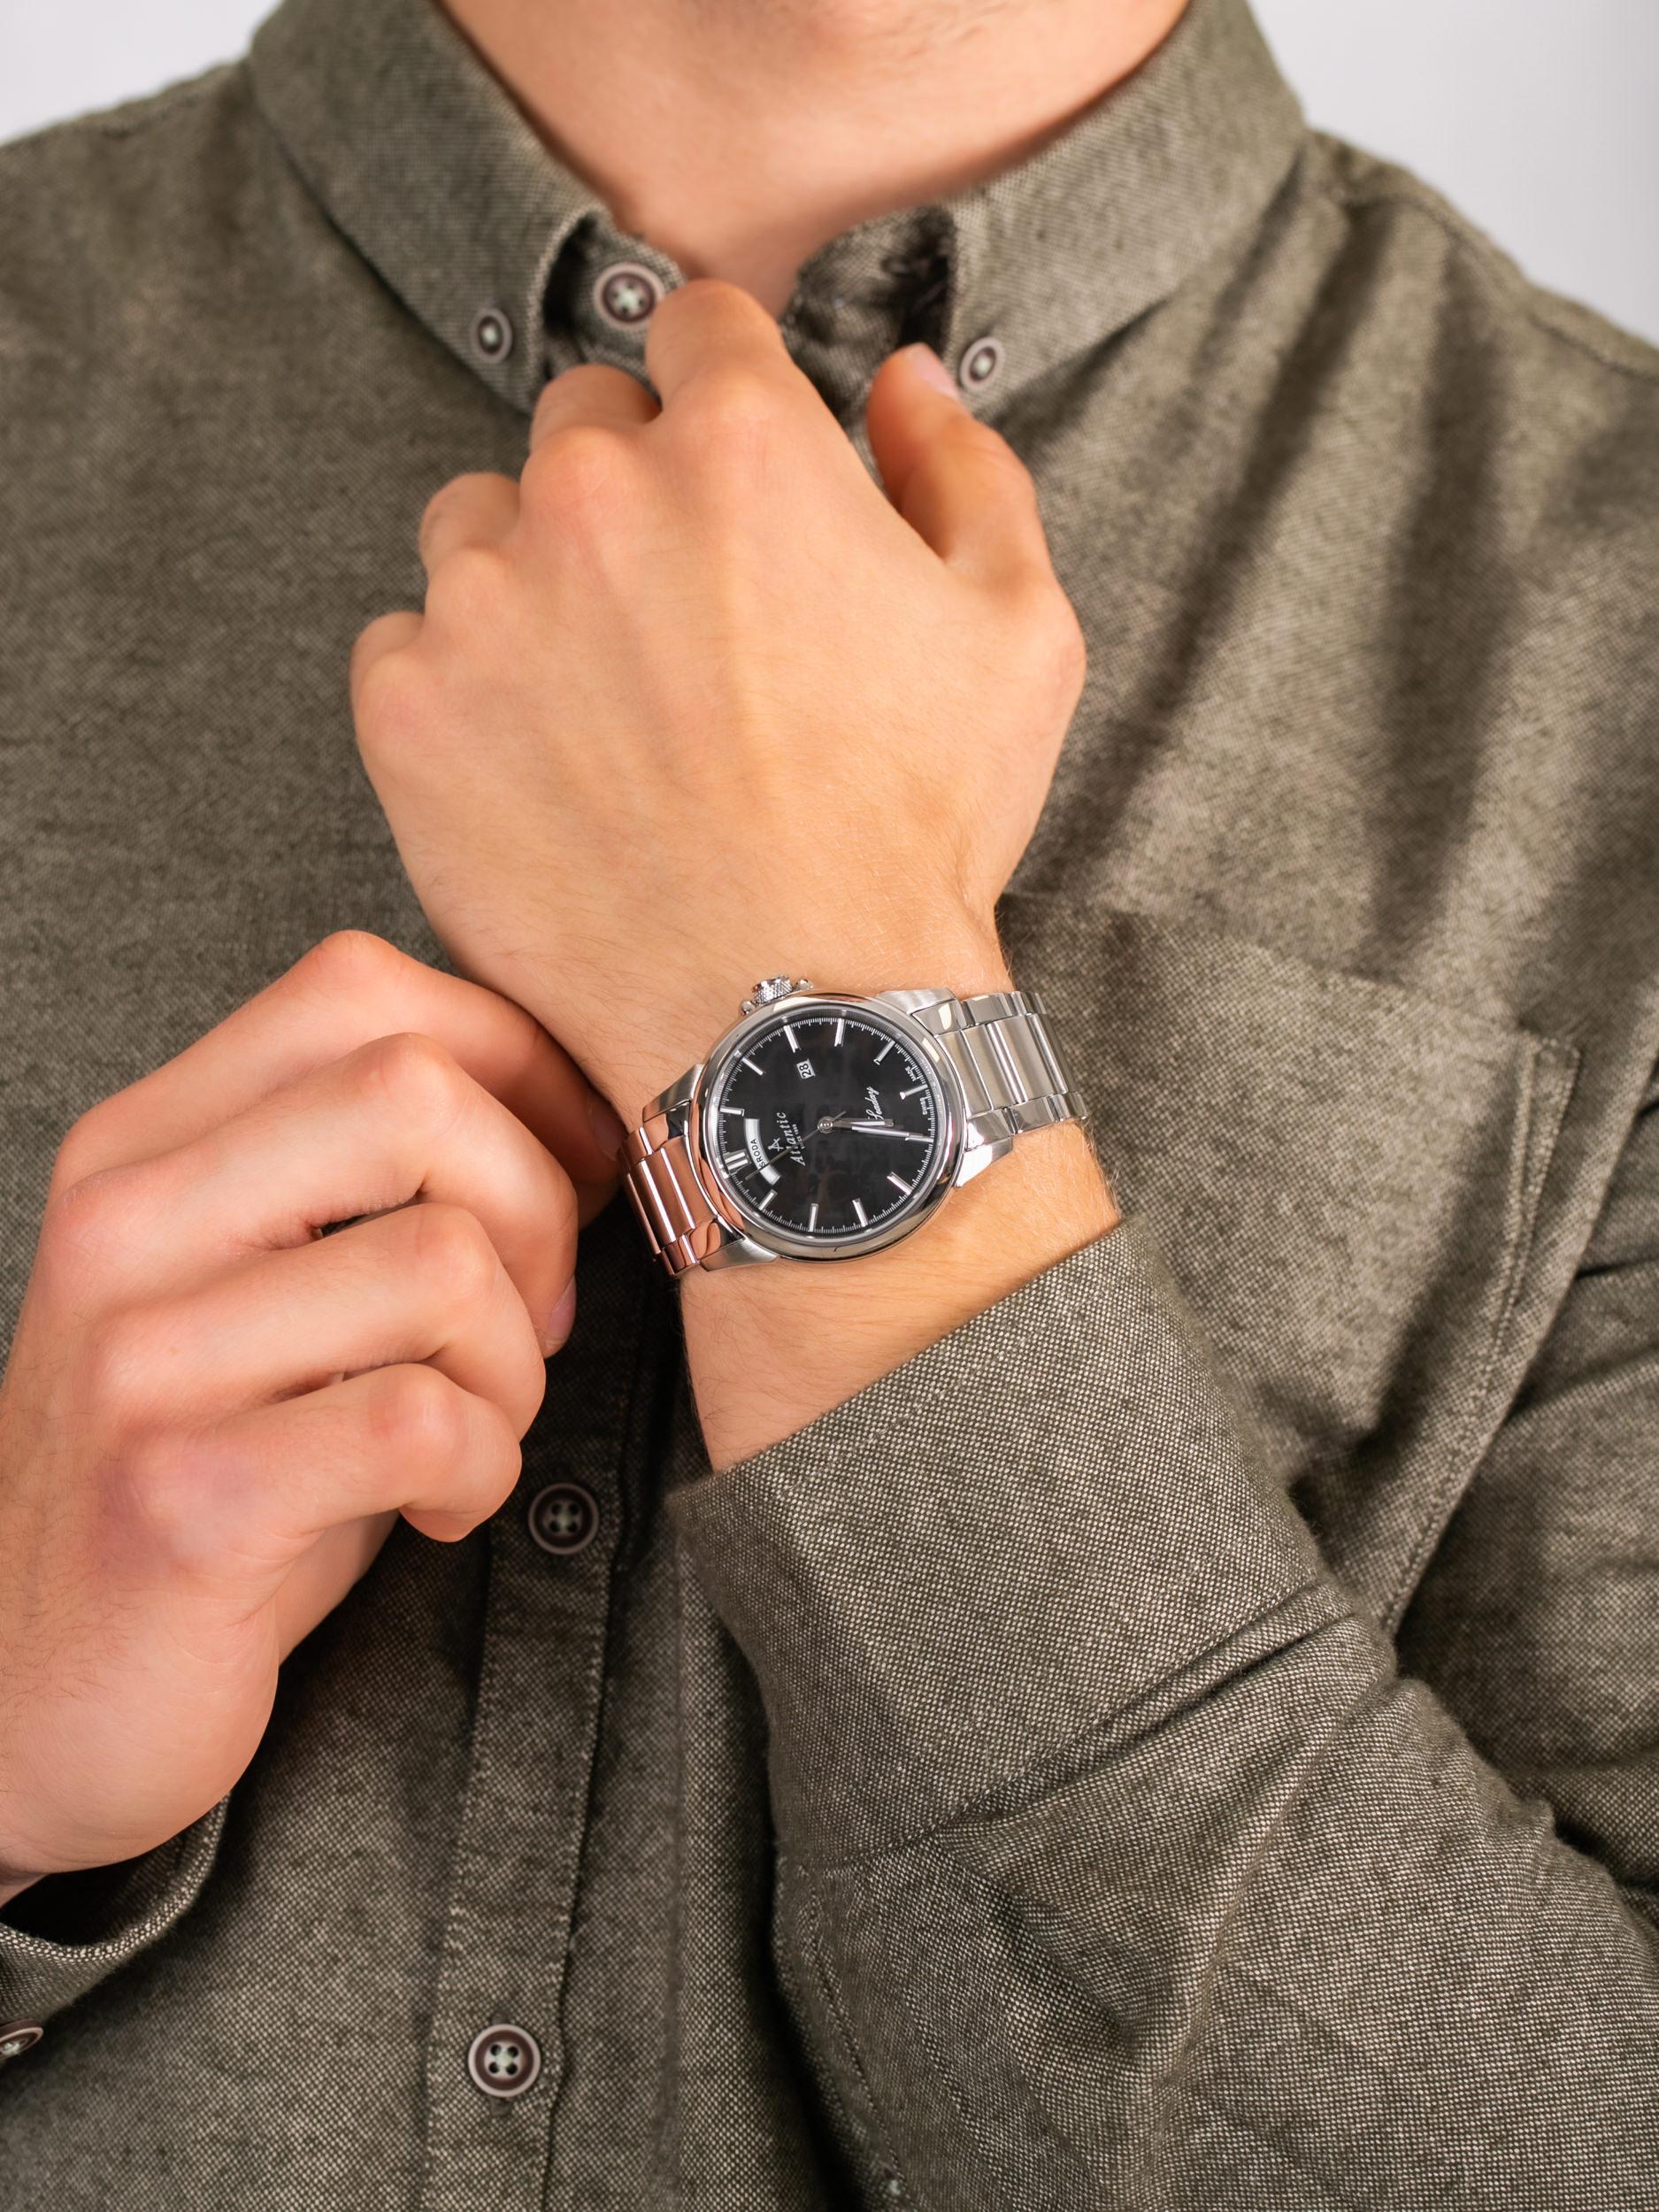 Atlantic 69555.41.61P męski zegarek Seaday bransoleta